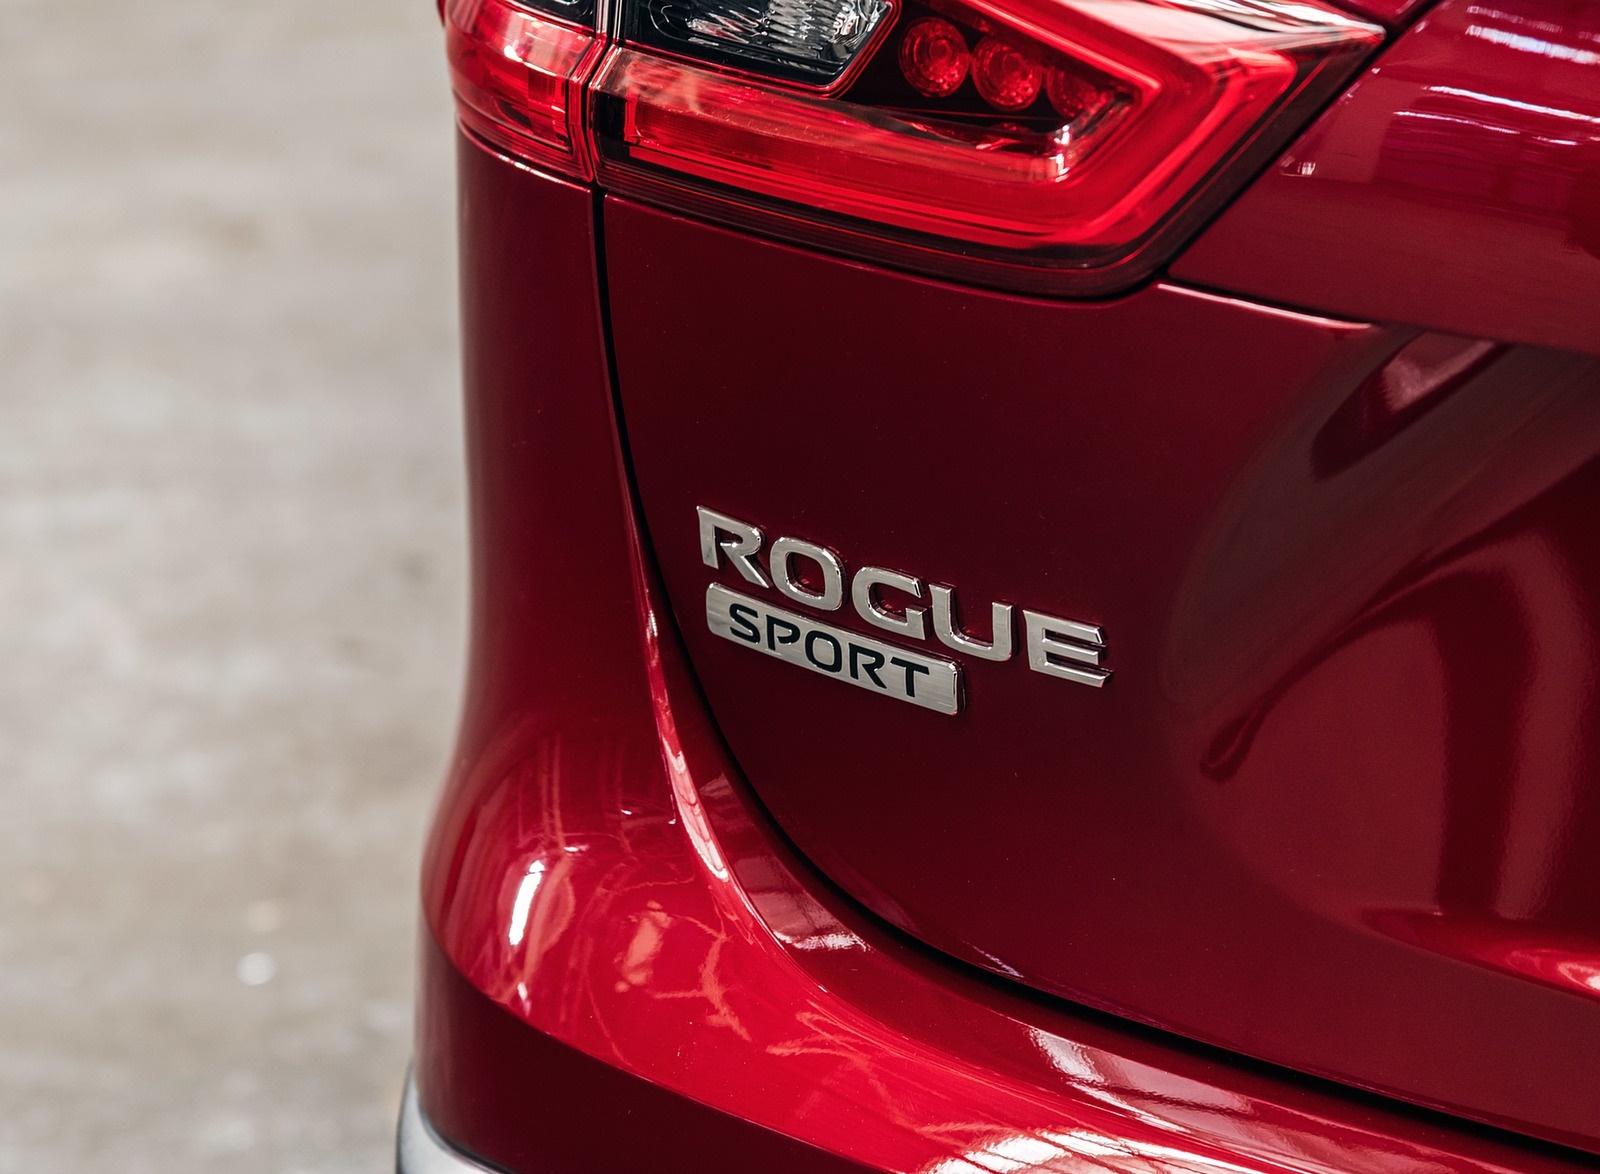 2020 Nissan Rogue Sport Detail Wallpapers (10)